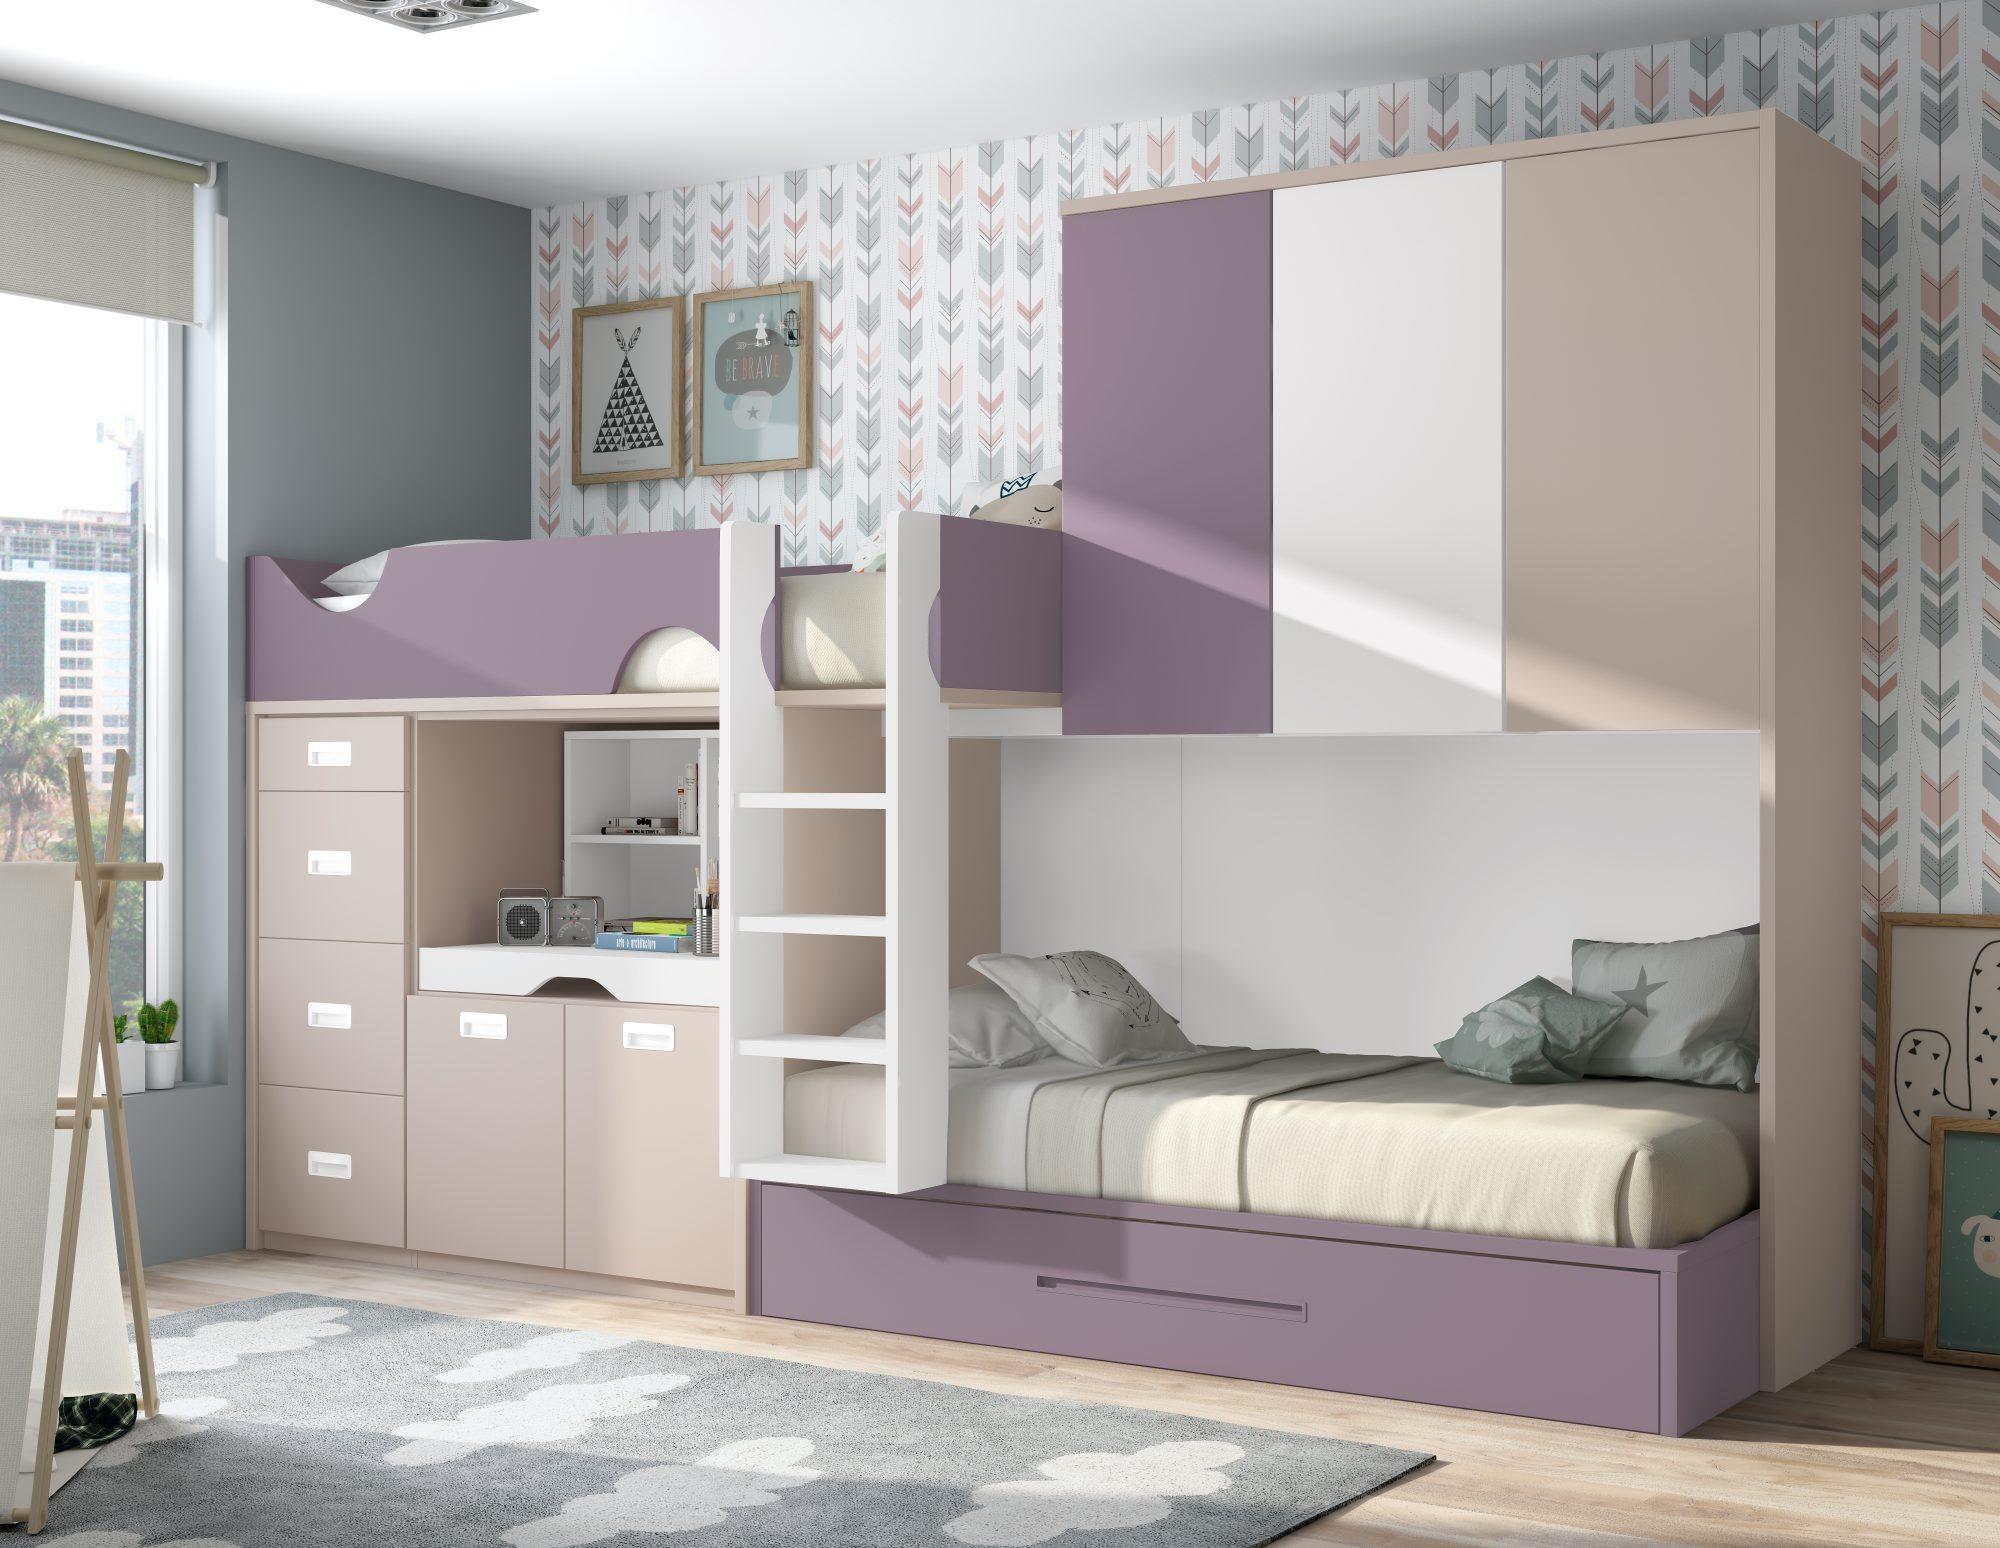 Cama tipo tren para crear un dormitorio juvenil amplio y moderno. Con armario puente gran capacidad para guardar todo lo necesario